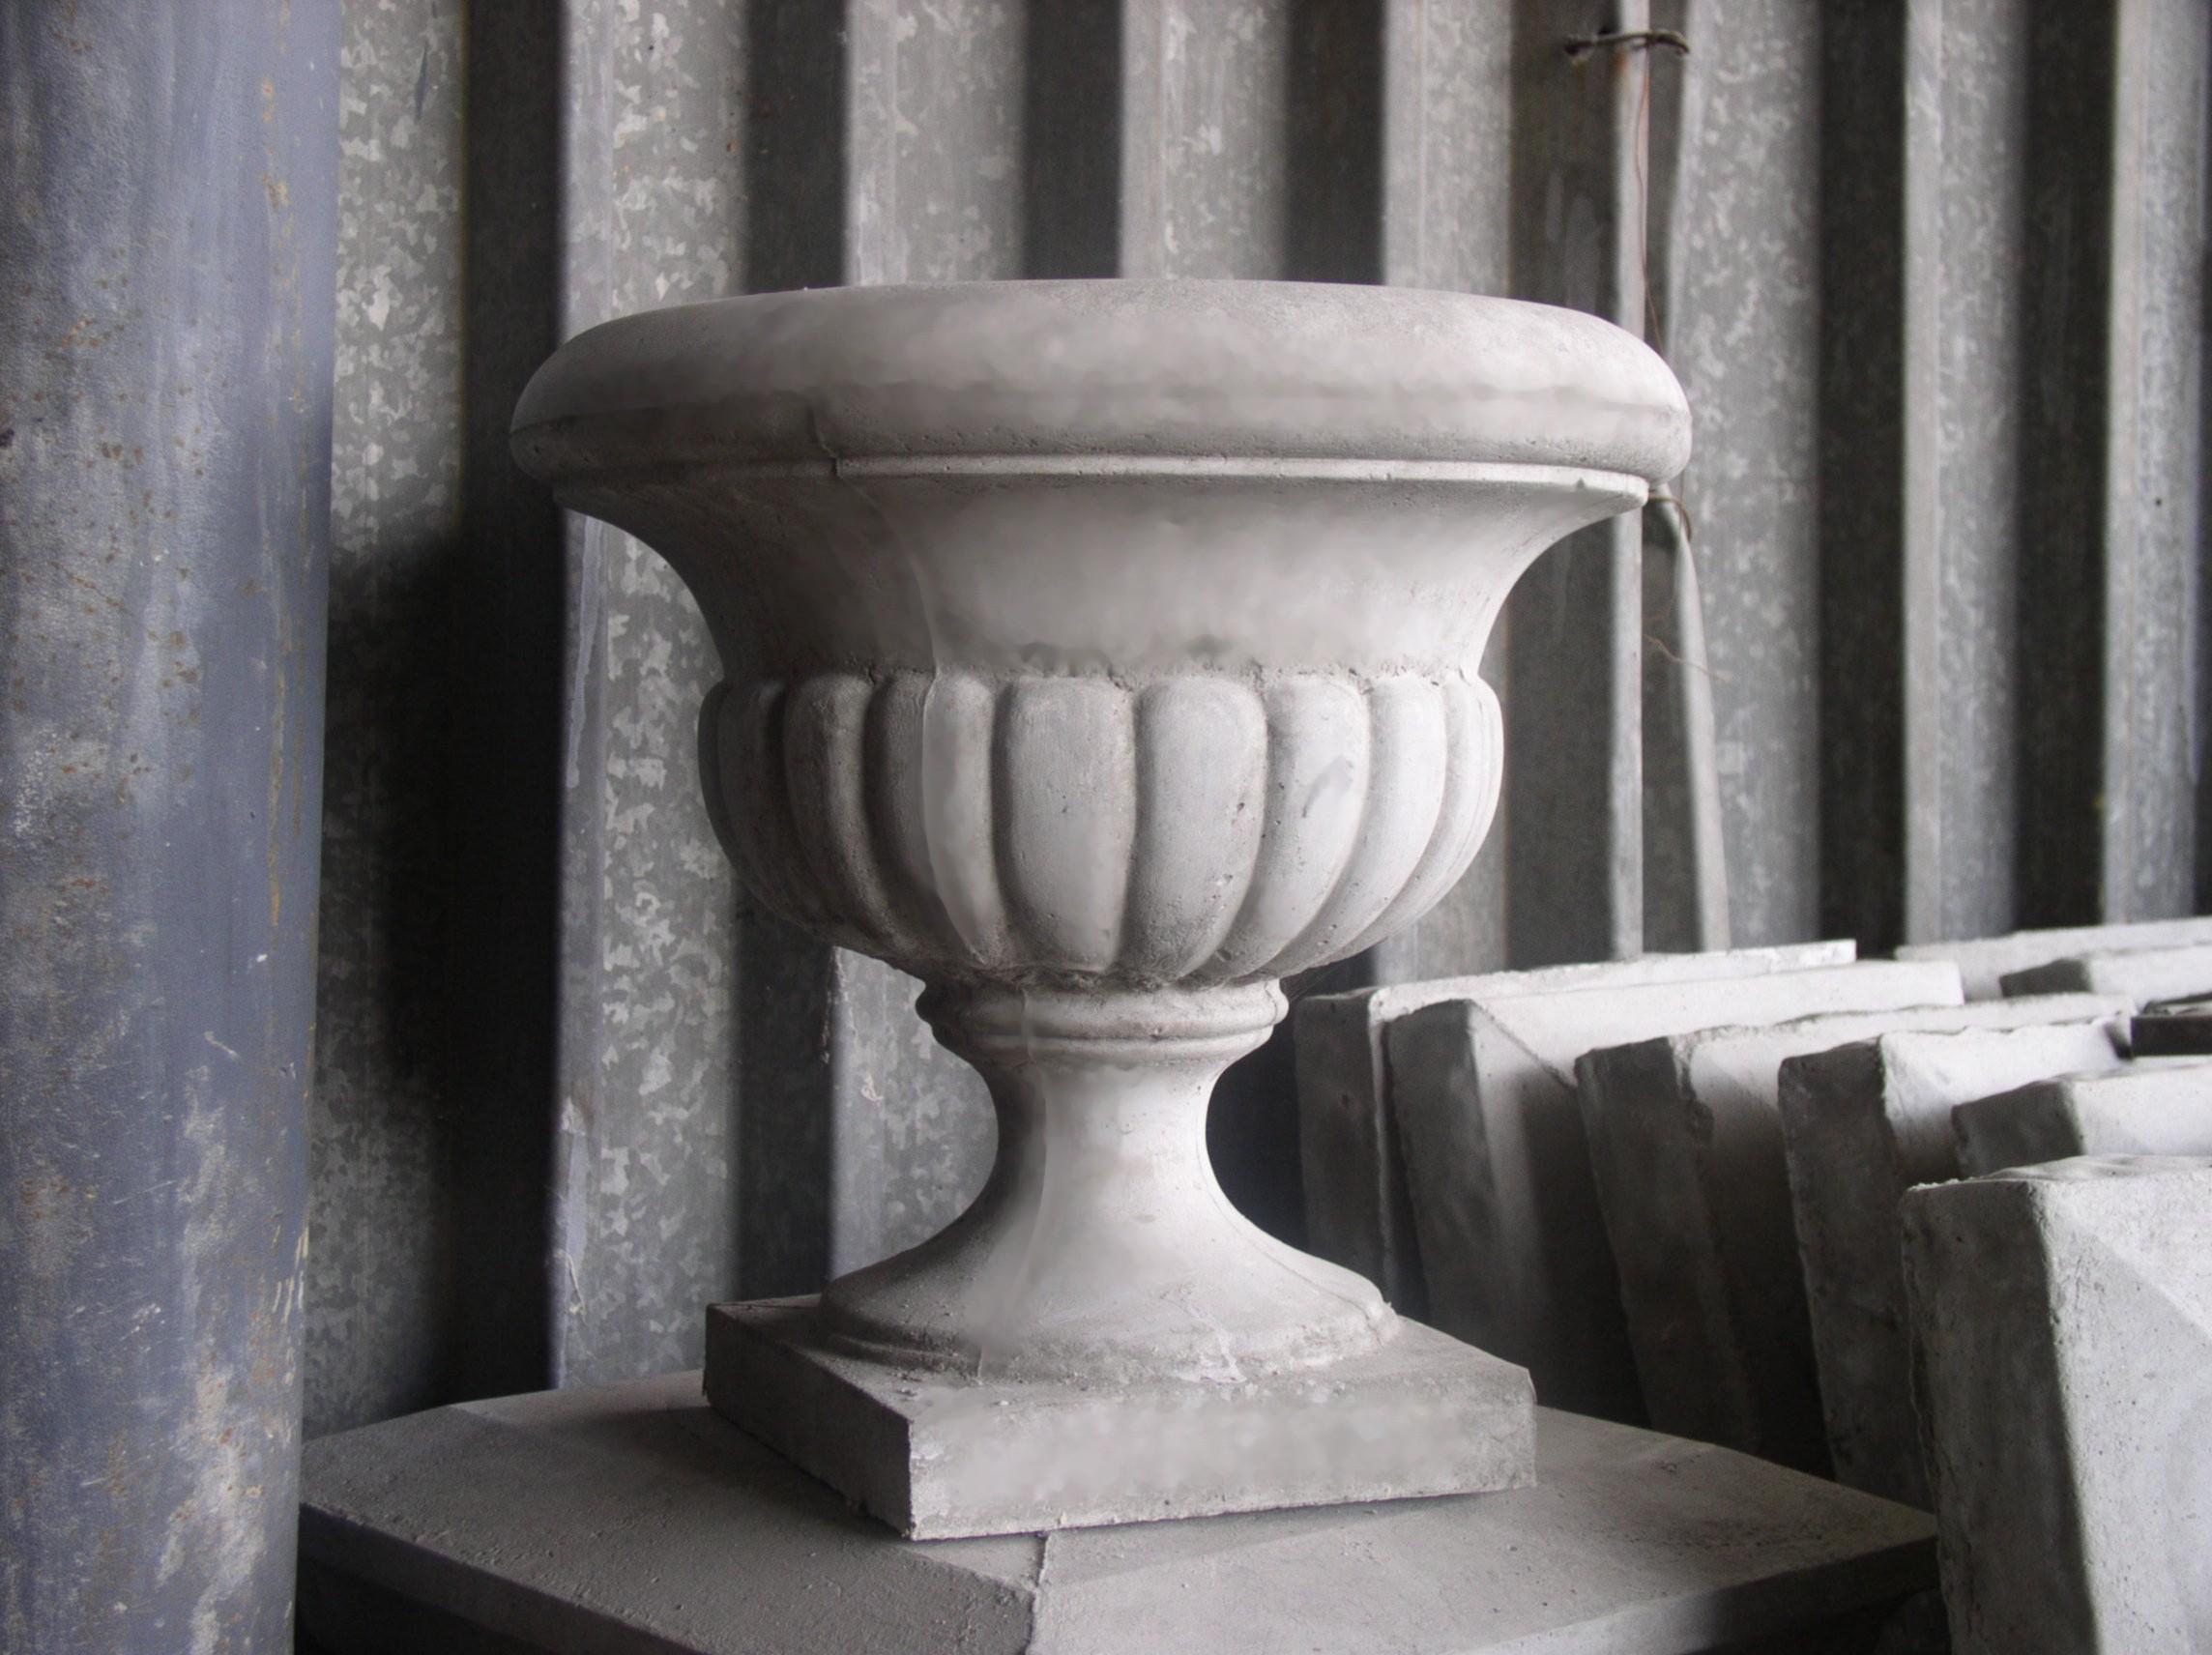 Геополимерный бетон, как и портландцемент, состоит из нескольких компонентов, но их состав значительно разнится